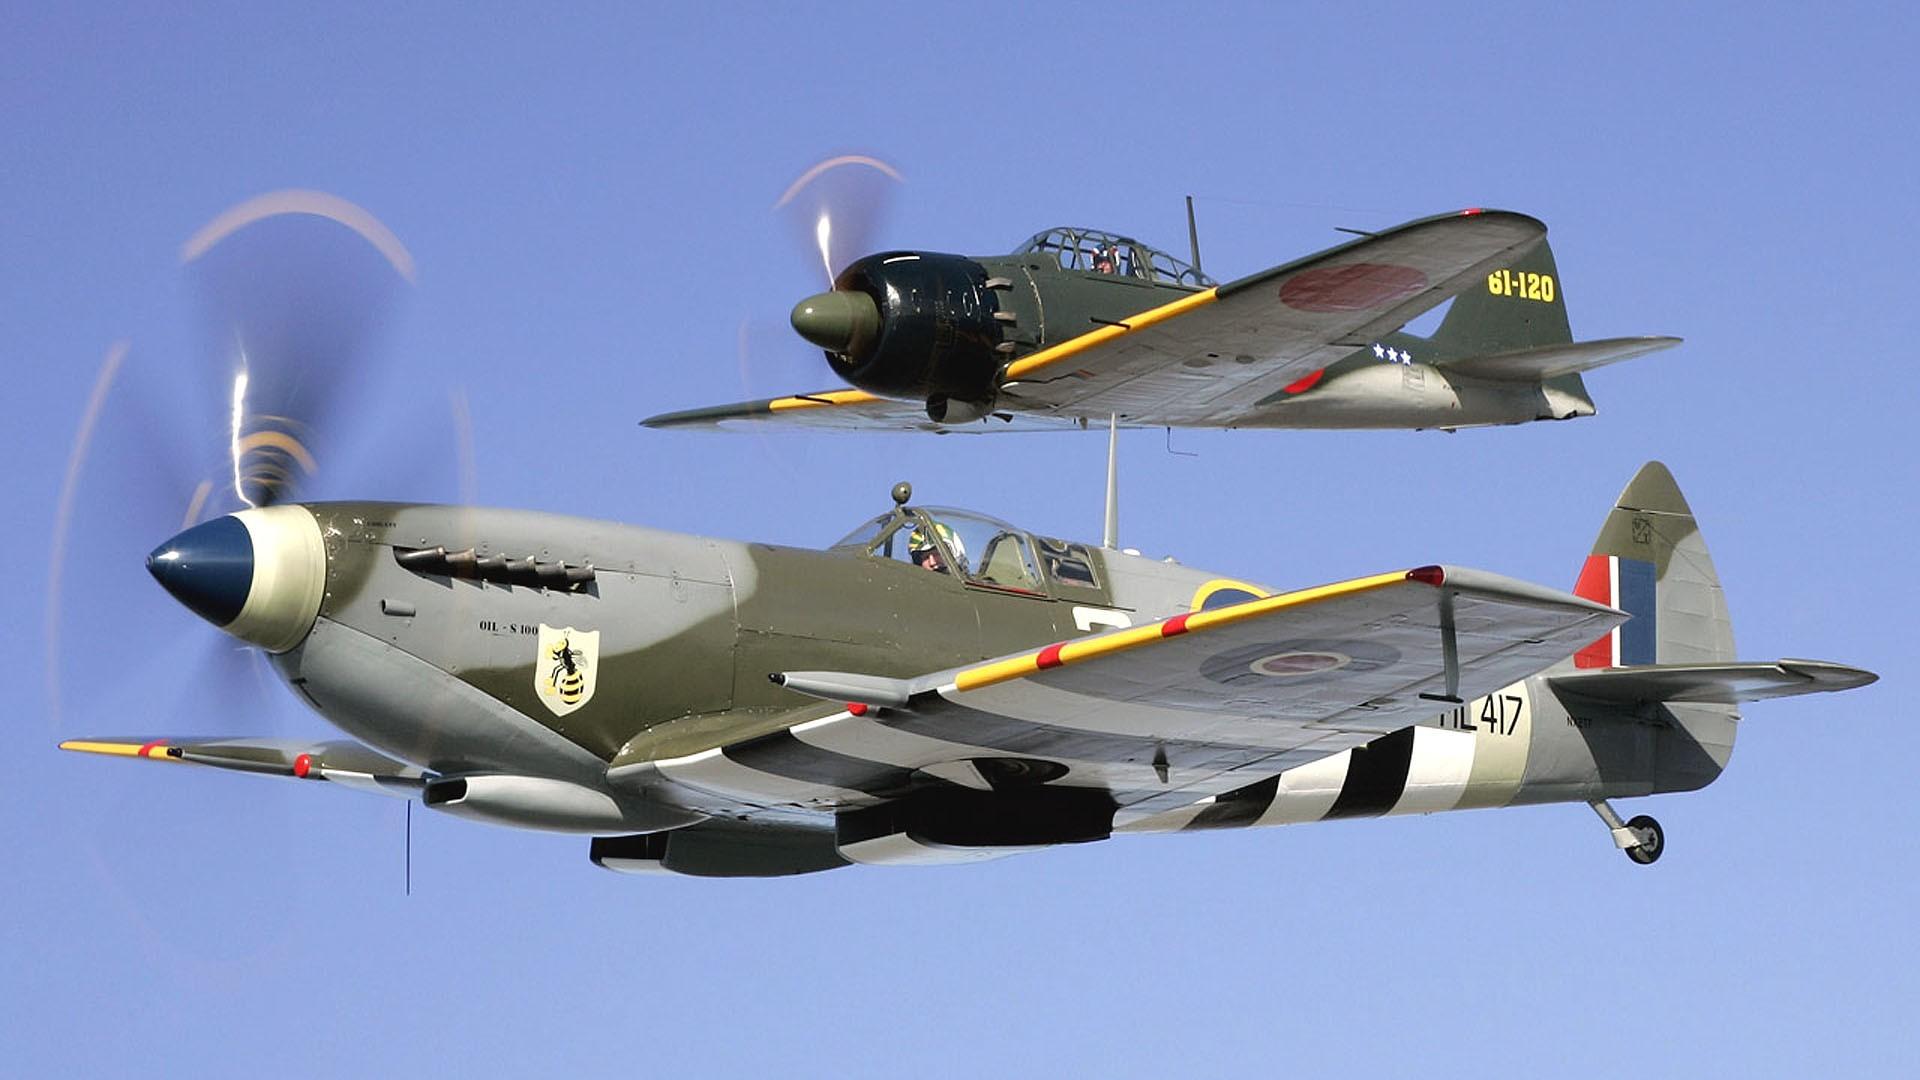 Aircraft military Japanese World War II Warbird British fighters wallpaper      194270   WallpaperUP